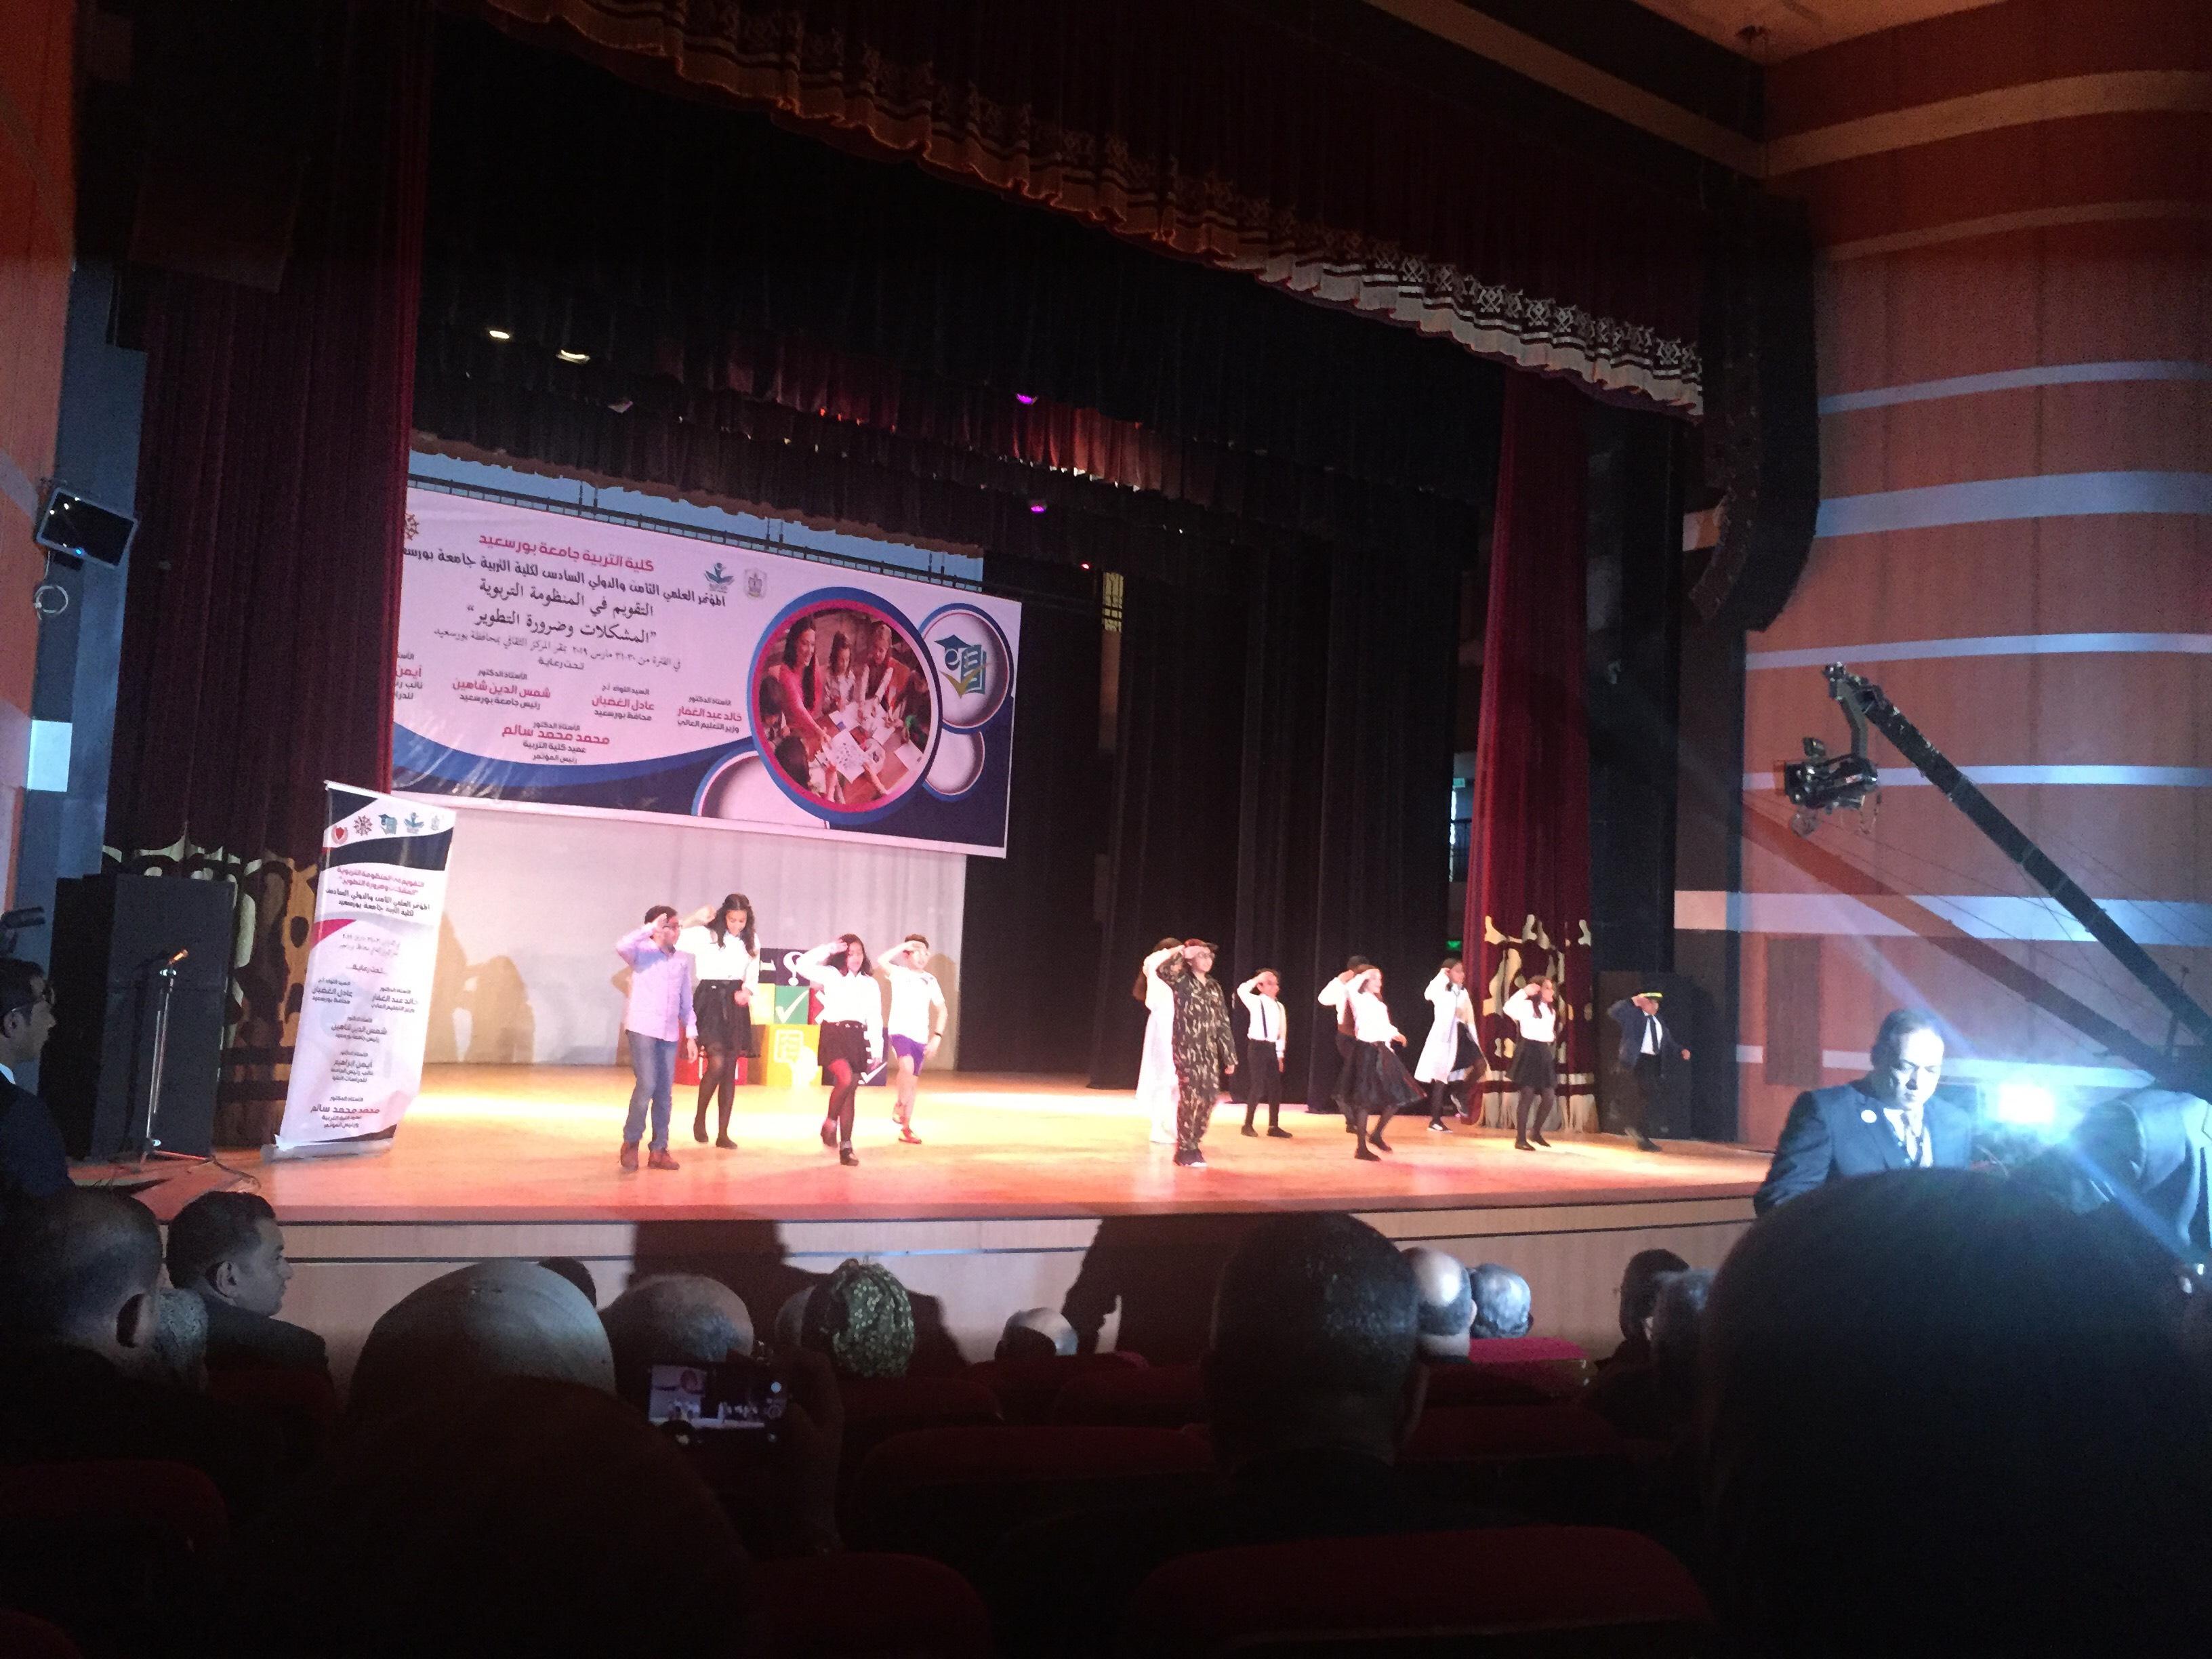 المؤتمر الدولي السادس لكلية التربية، تحت عنوان التقويم في المنظومة التربوية.. المشكلات وضرورة التطوير (13)